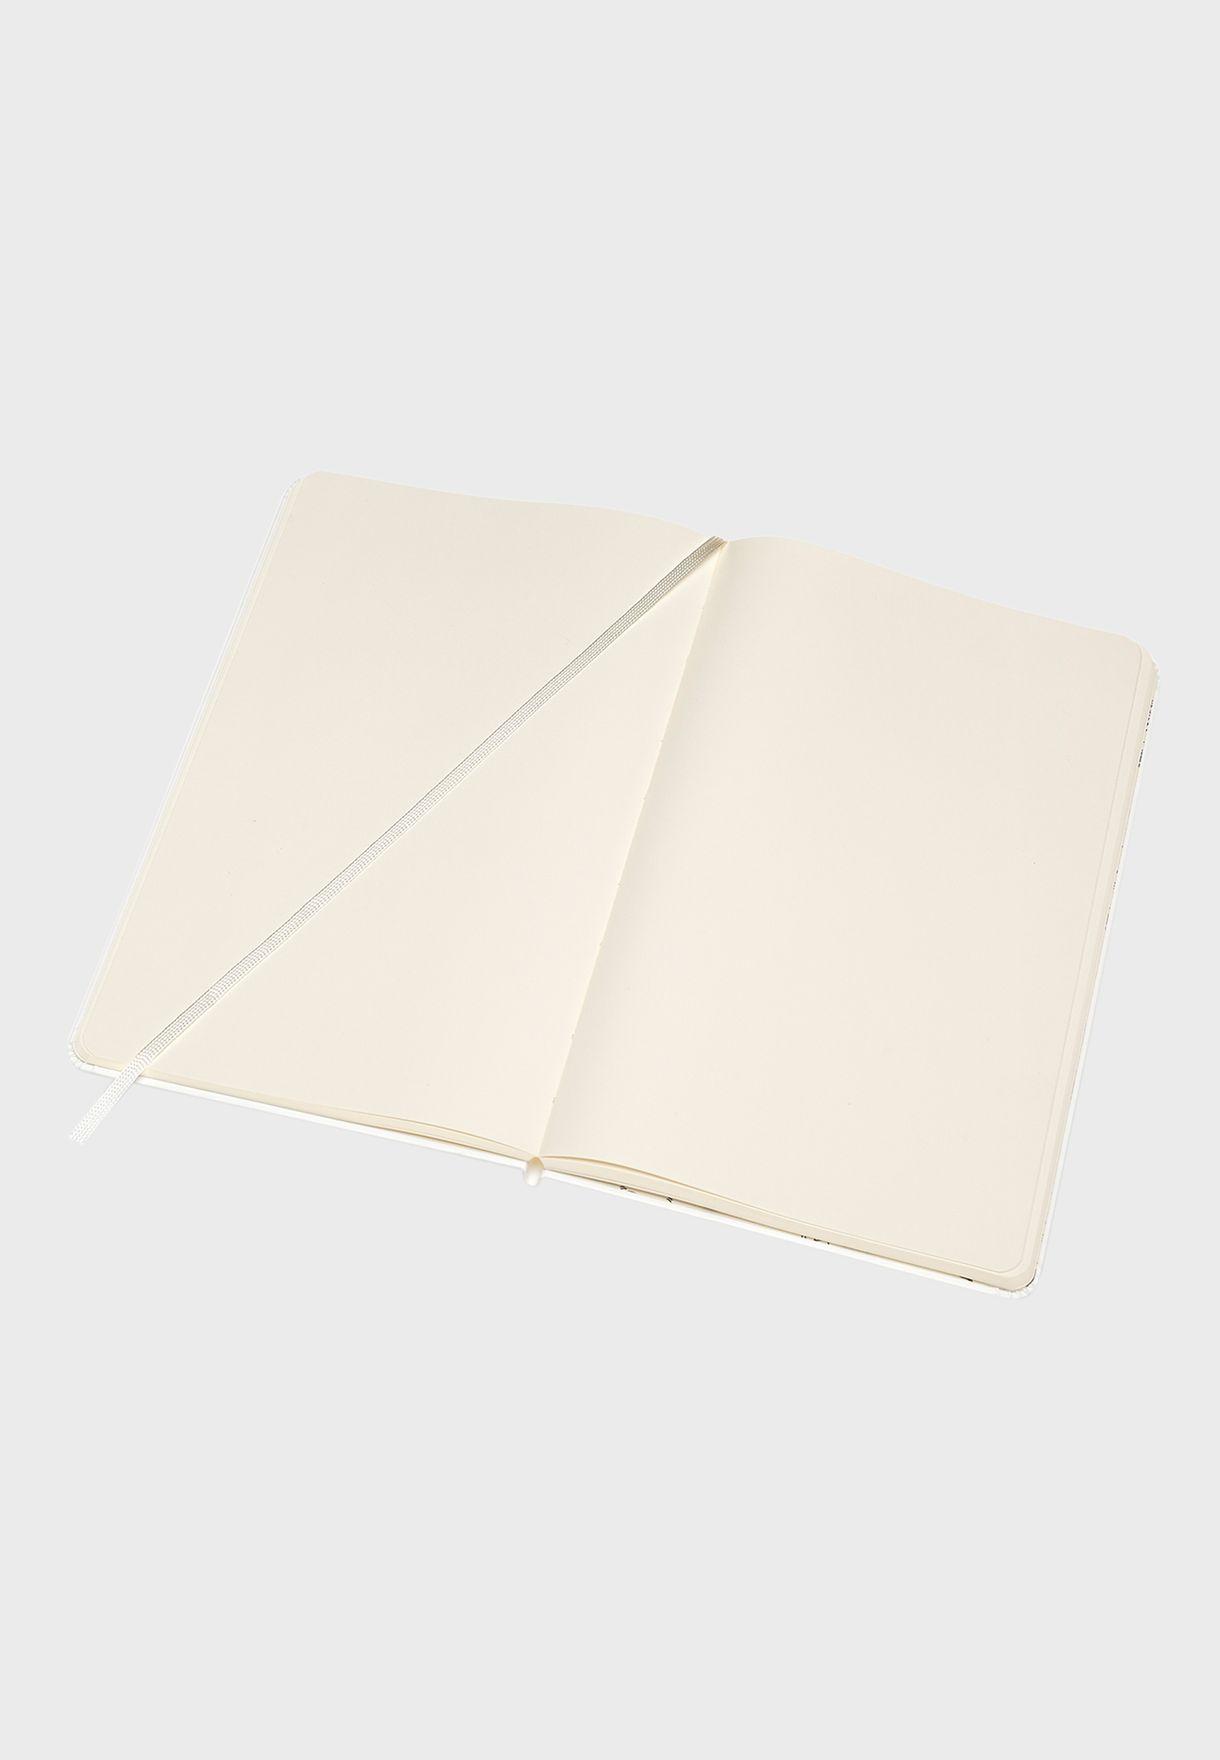 دفتر ملاحظات بطبعة ستيفن هارينجتون